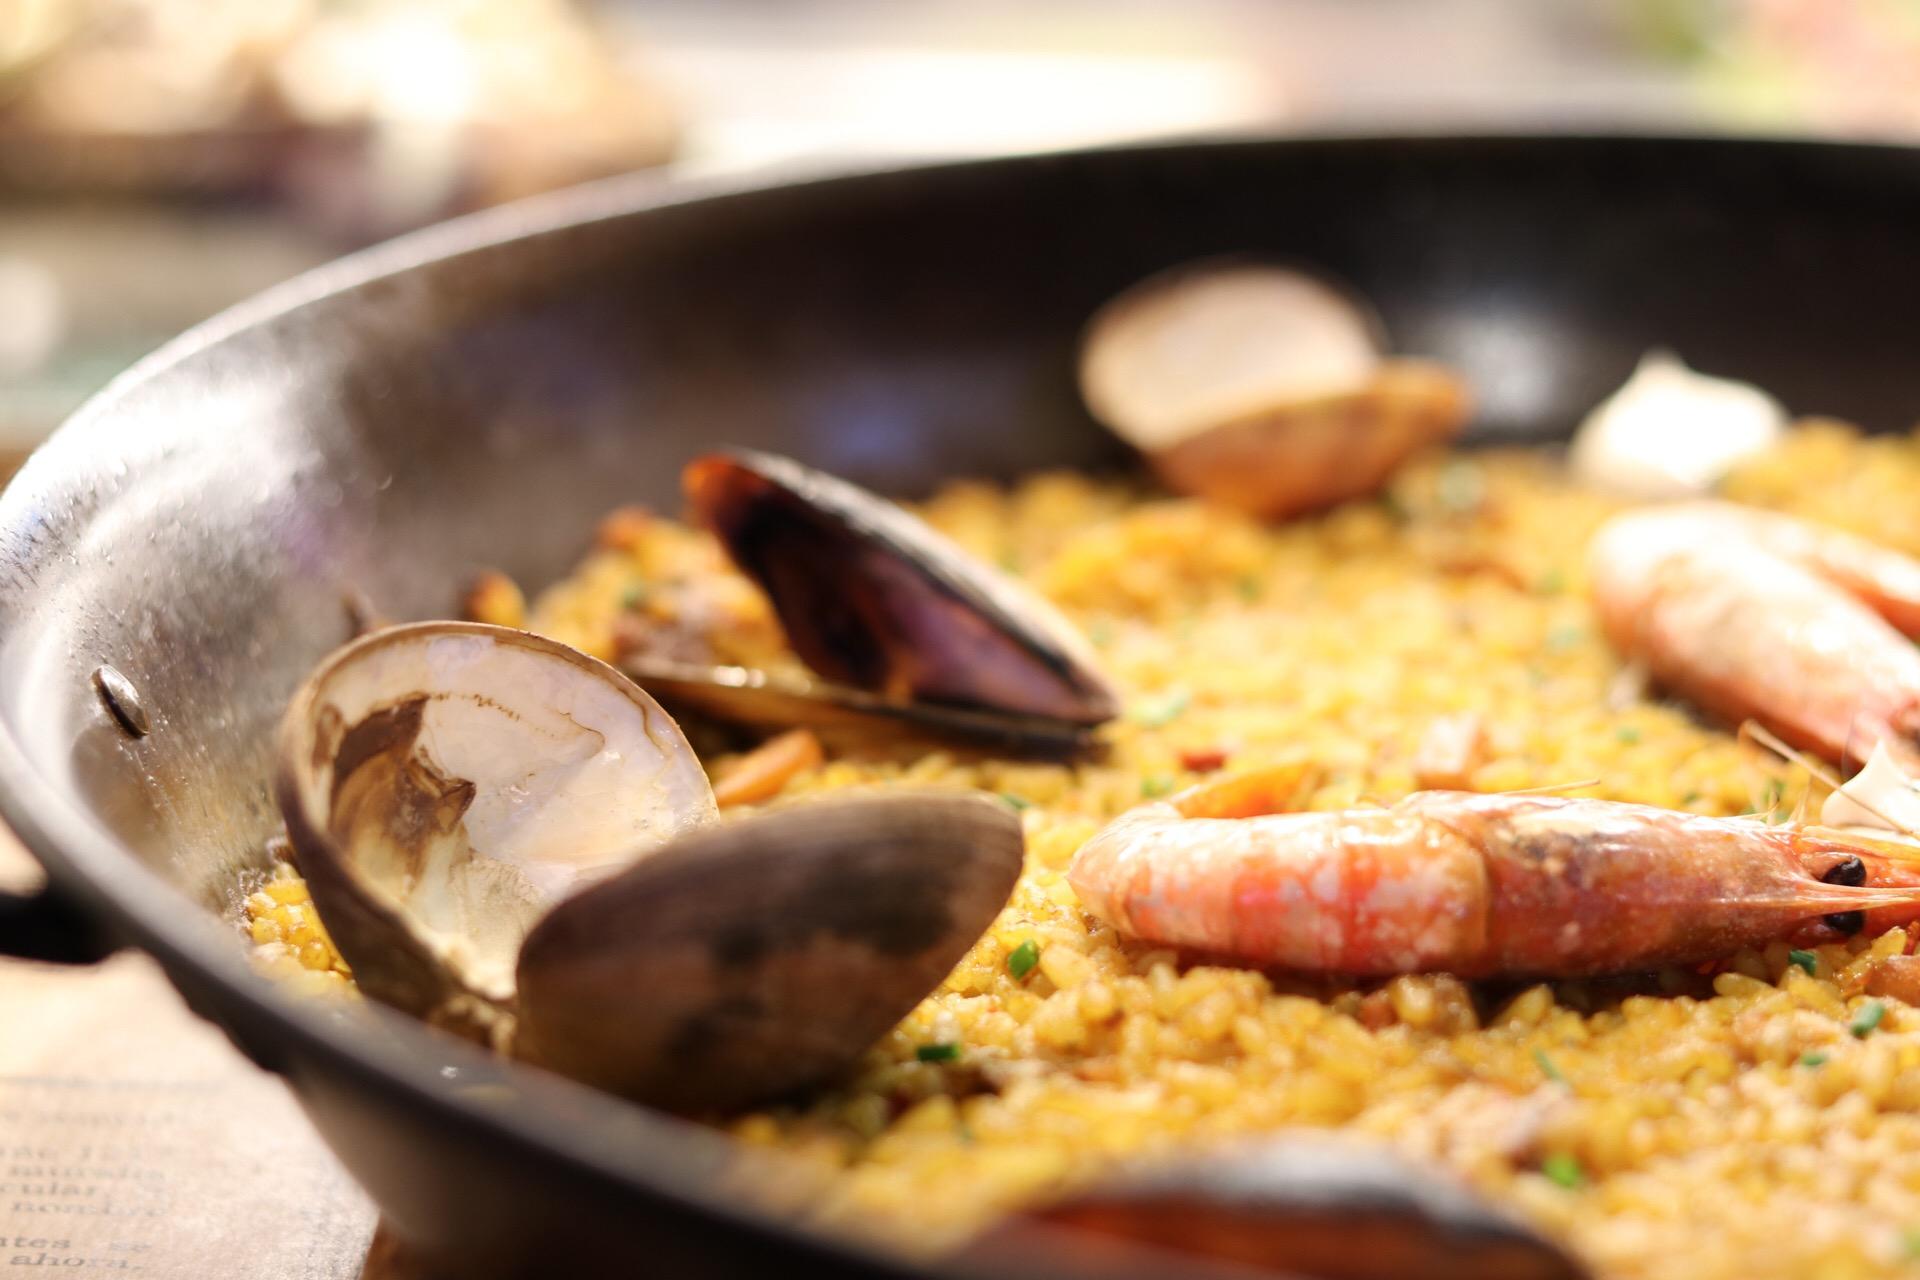 Paella at La Boqueria